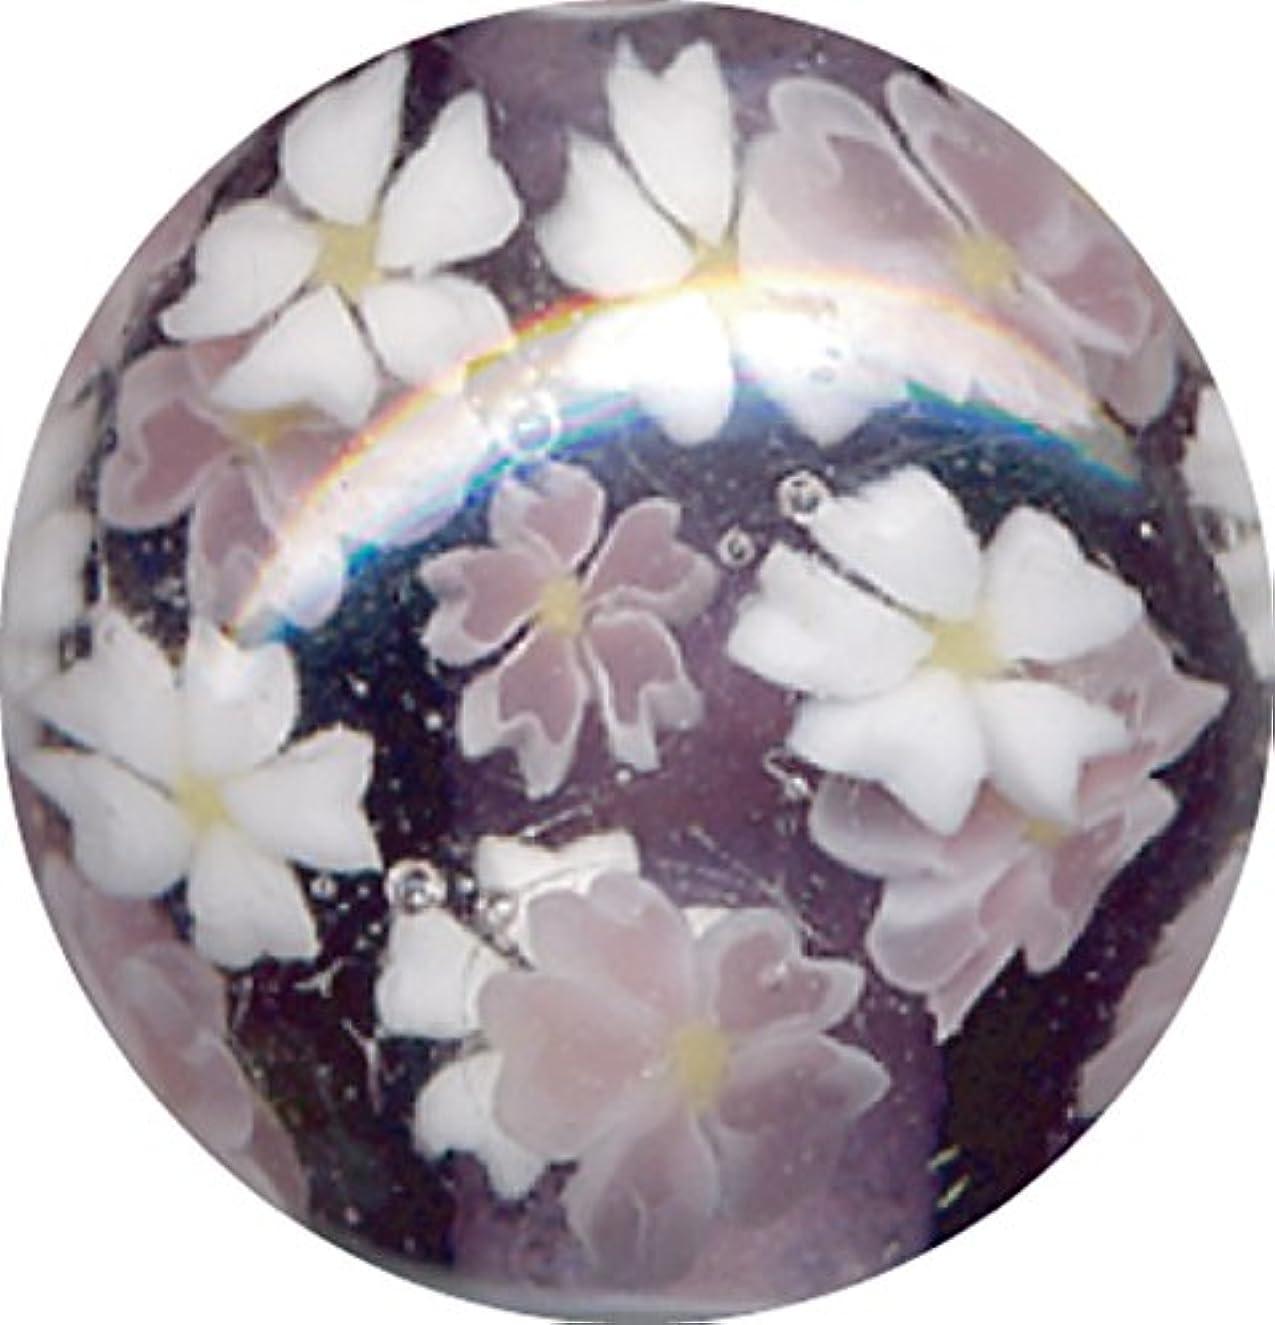 責める収縮実験をするとんぼ玉 桜柄 紫